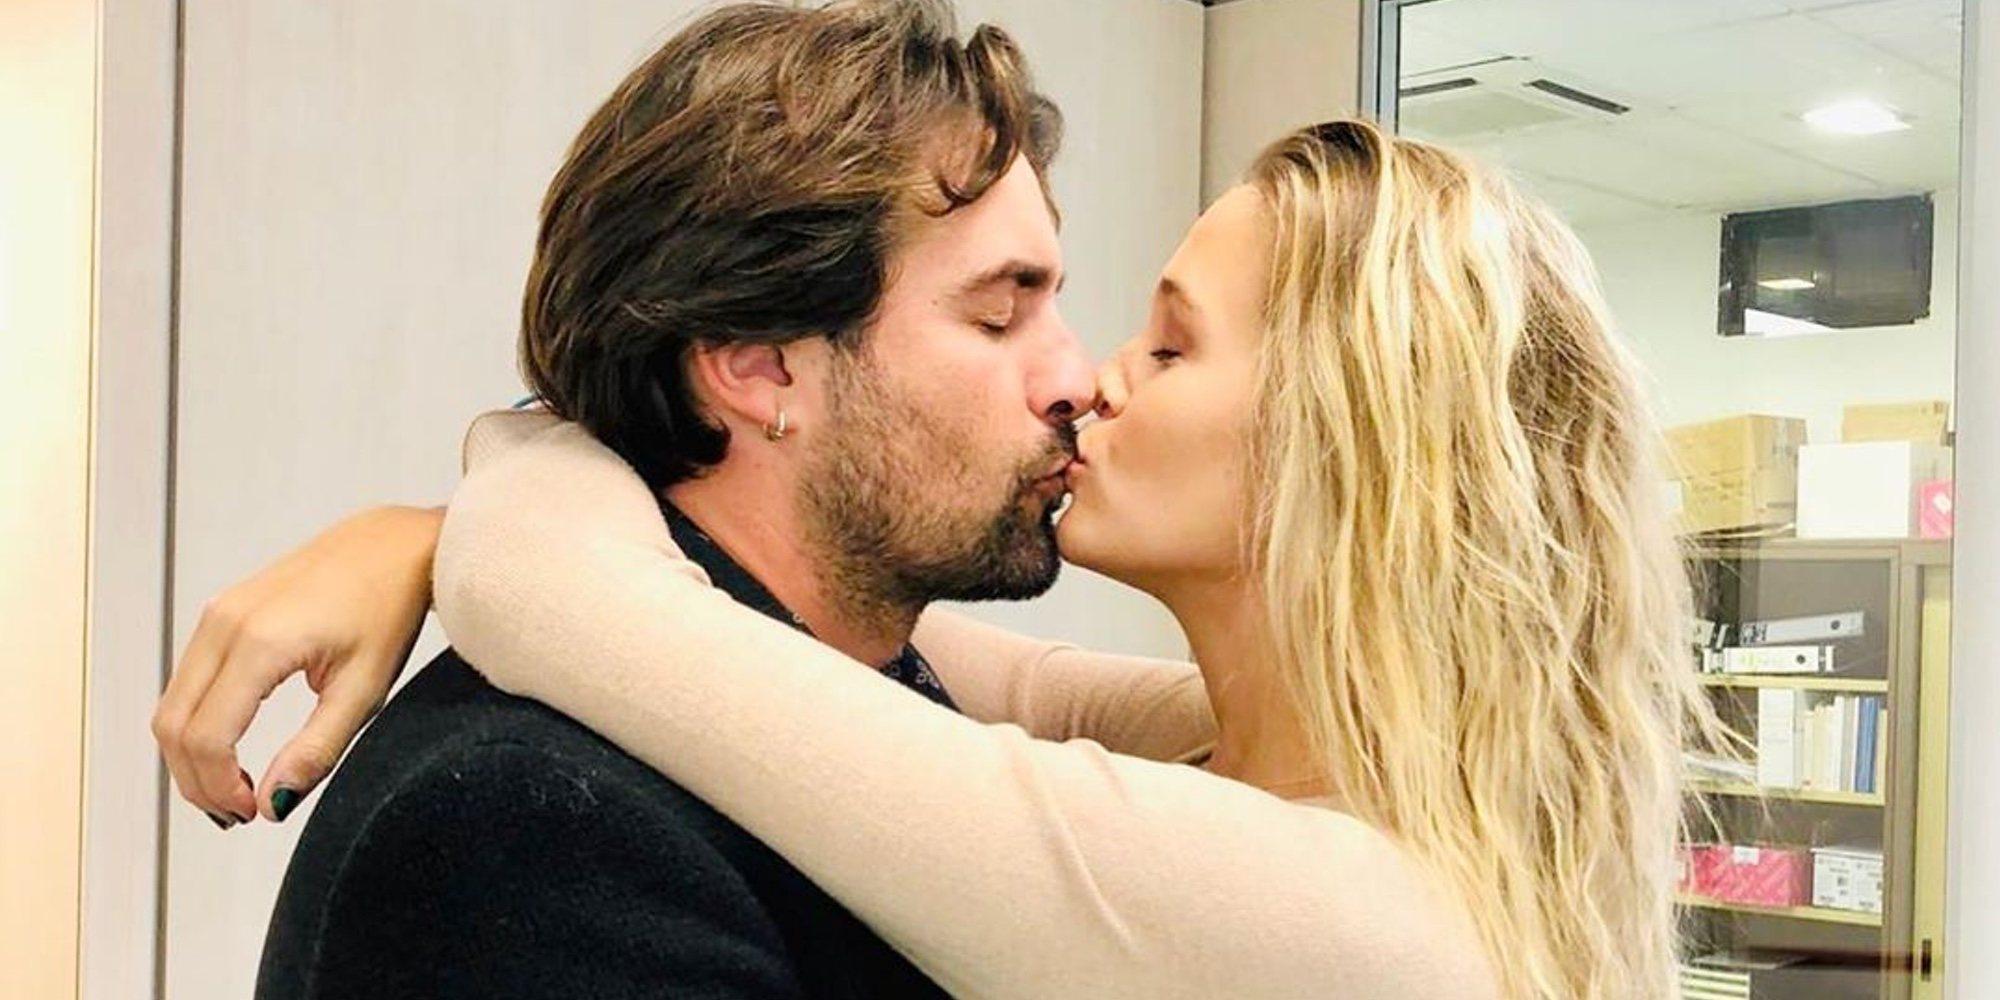 Álex Adrover y Patricia Montero se casan en el juzgado y anuncian próximo 'bodorrio'